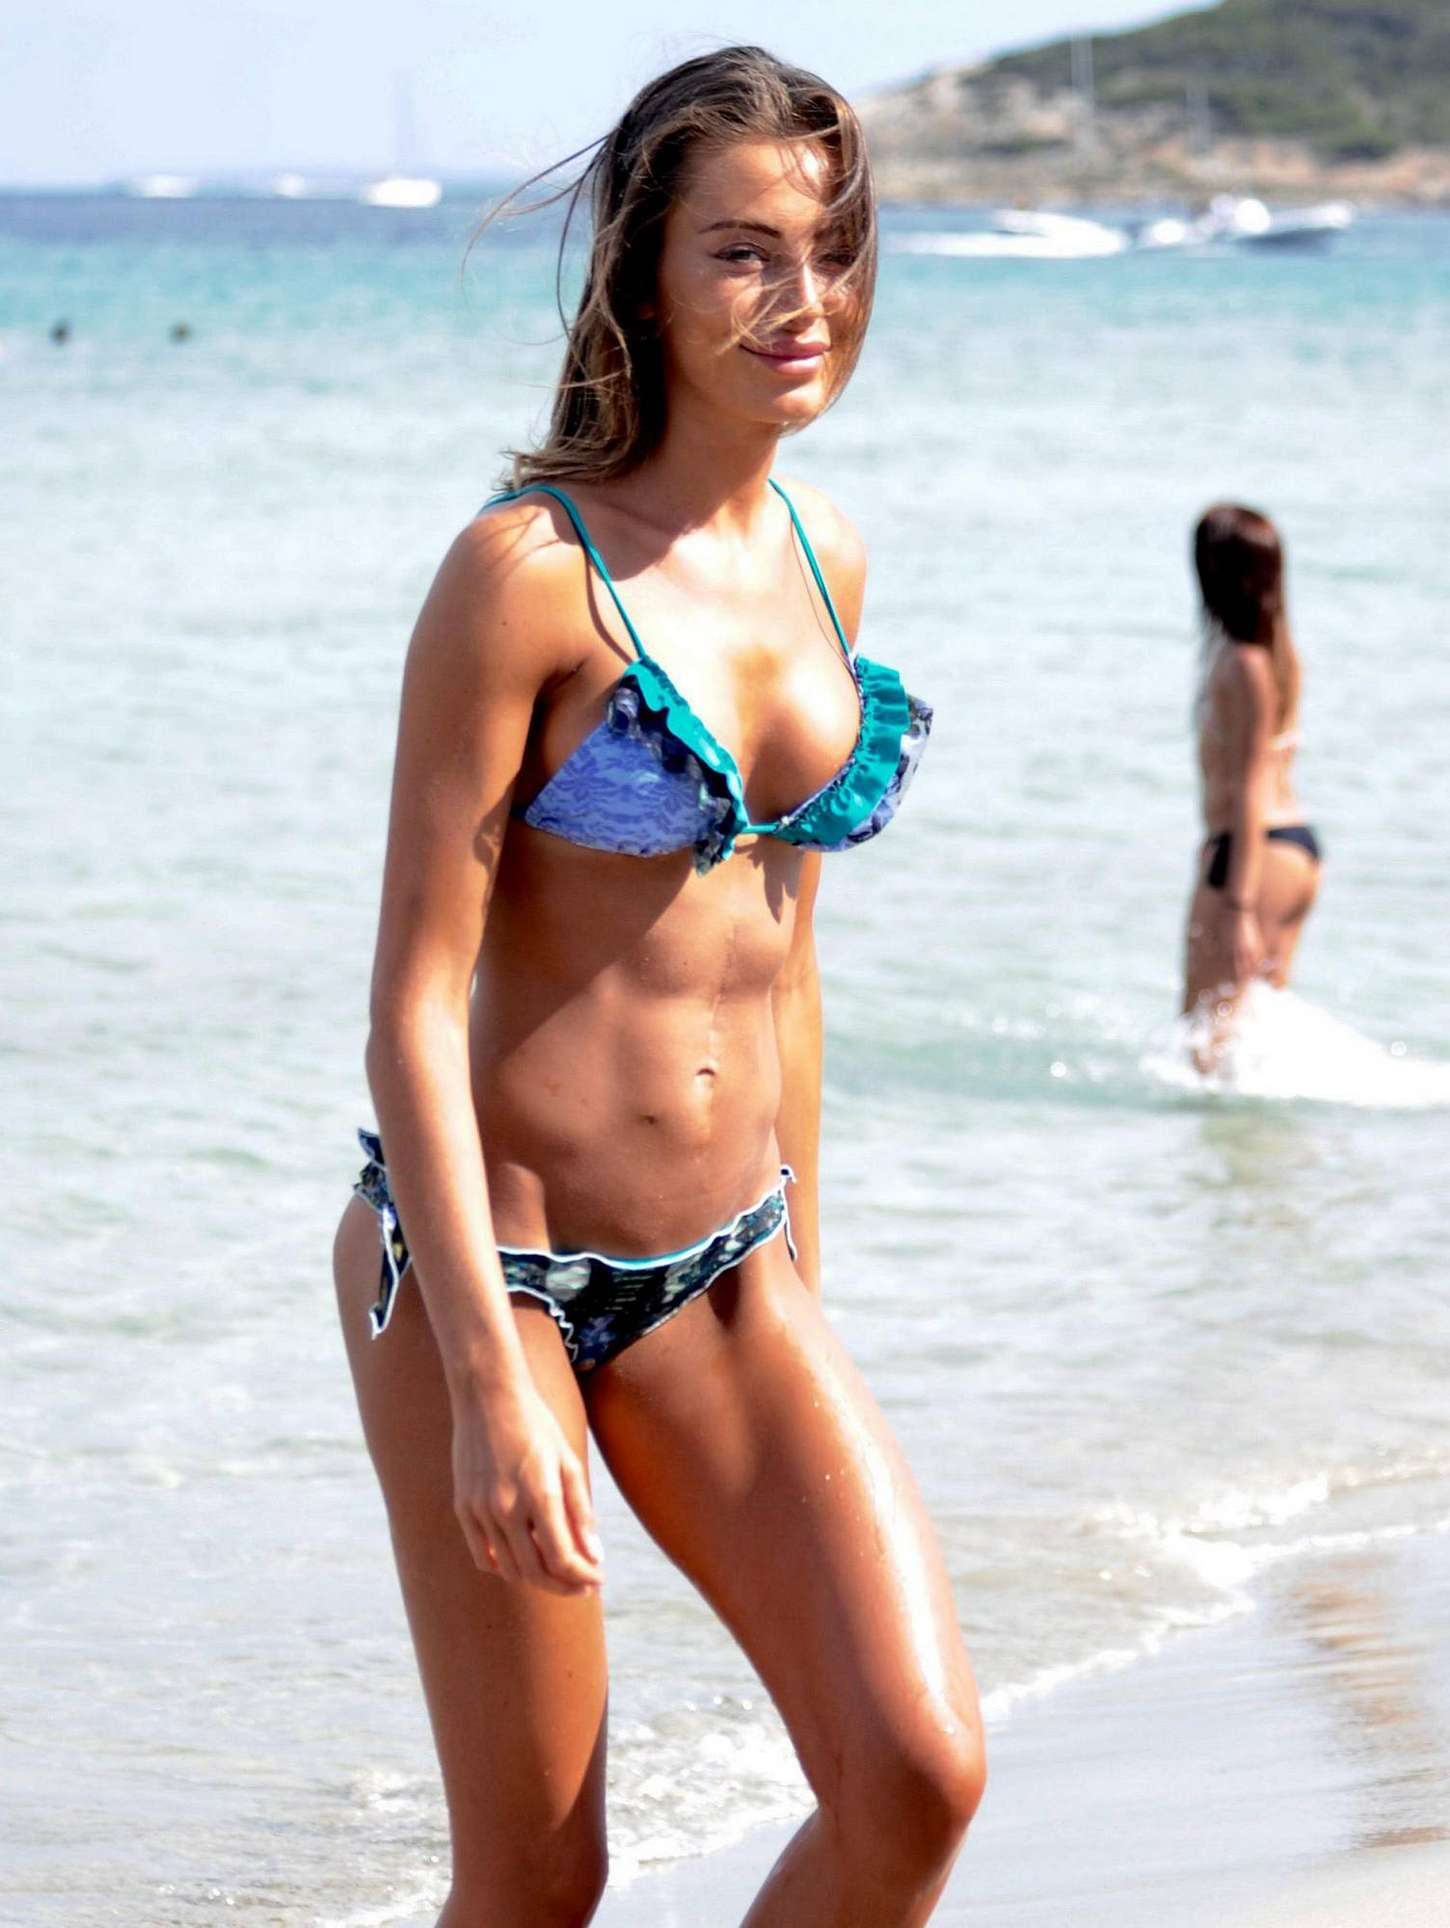 Bikini Alessia Tedeschi naked (91 photo), Sexy, Bikini, Boobs, see through 2020